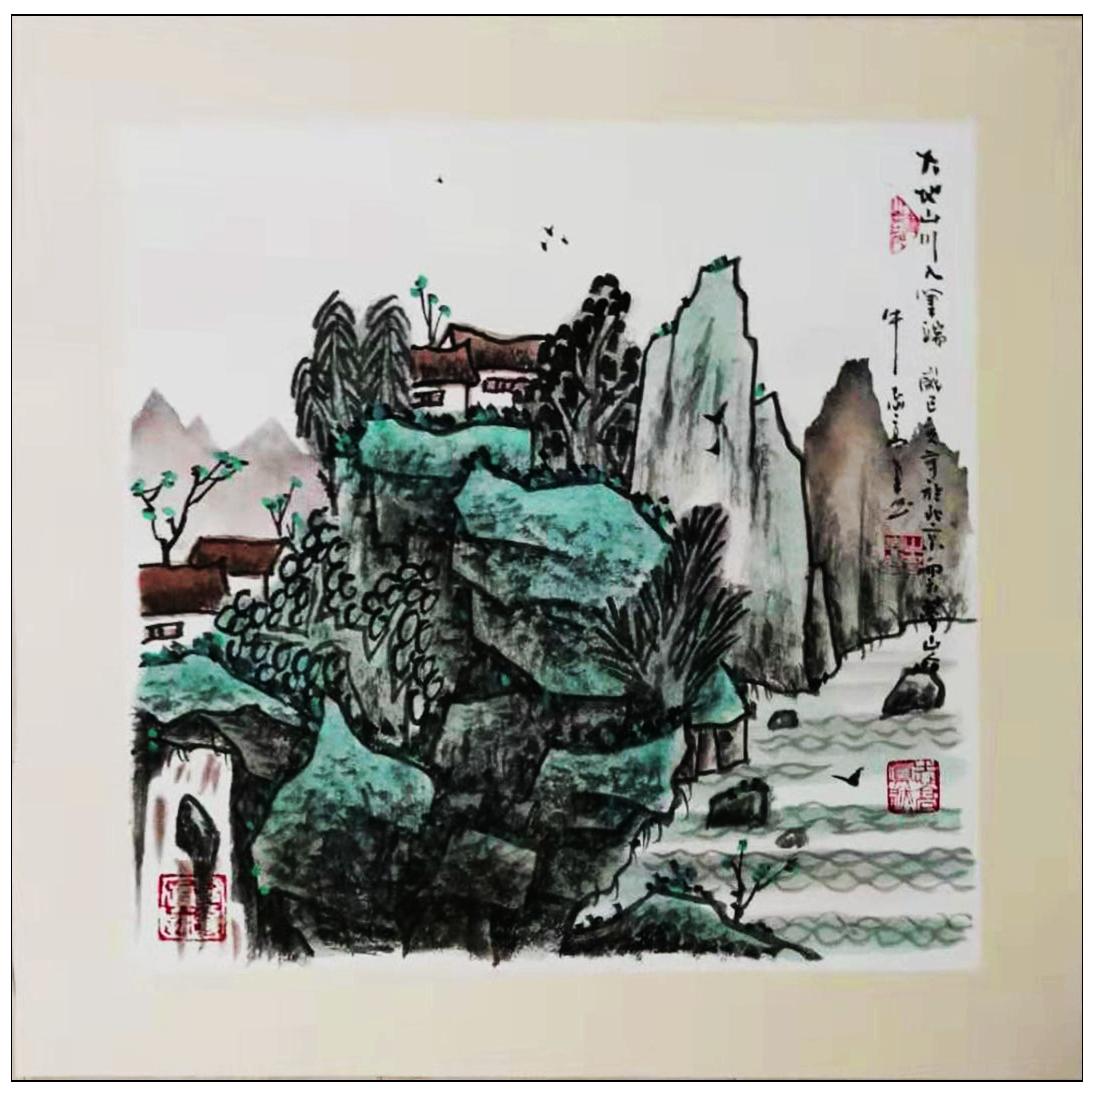 牛志高山水画----2019_图1-18